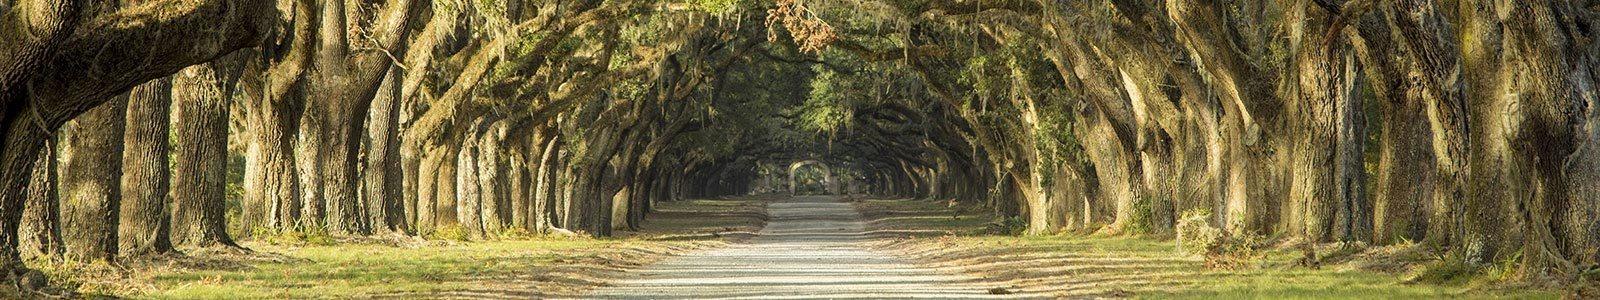 Savannah GA Trees Image at Legends at Chatham, Savannah, GA